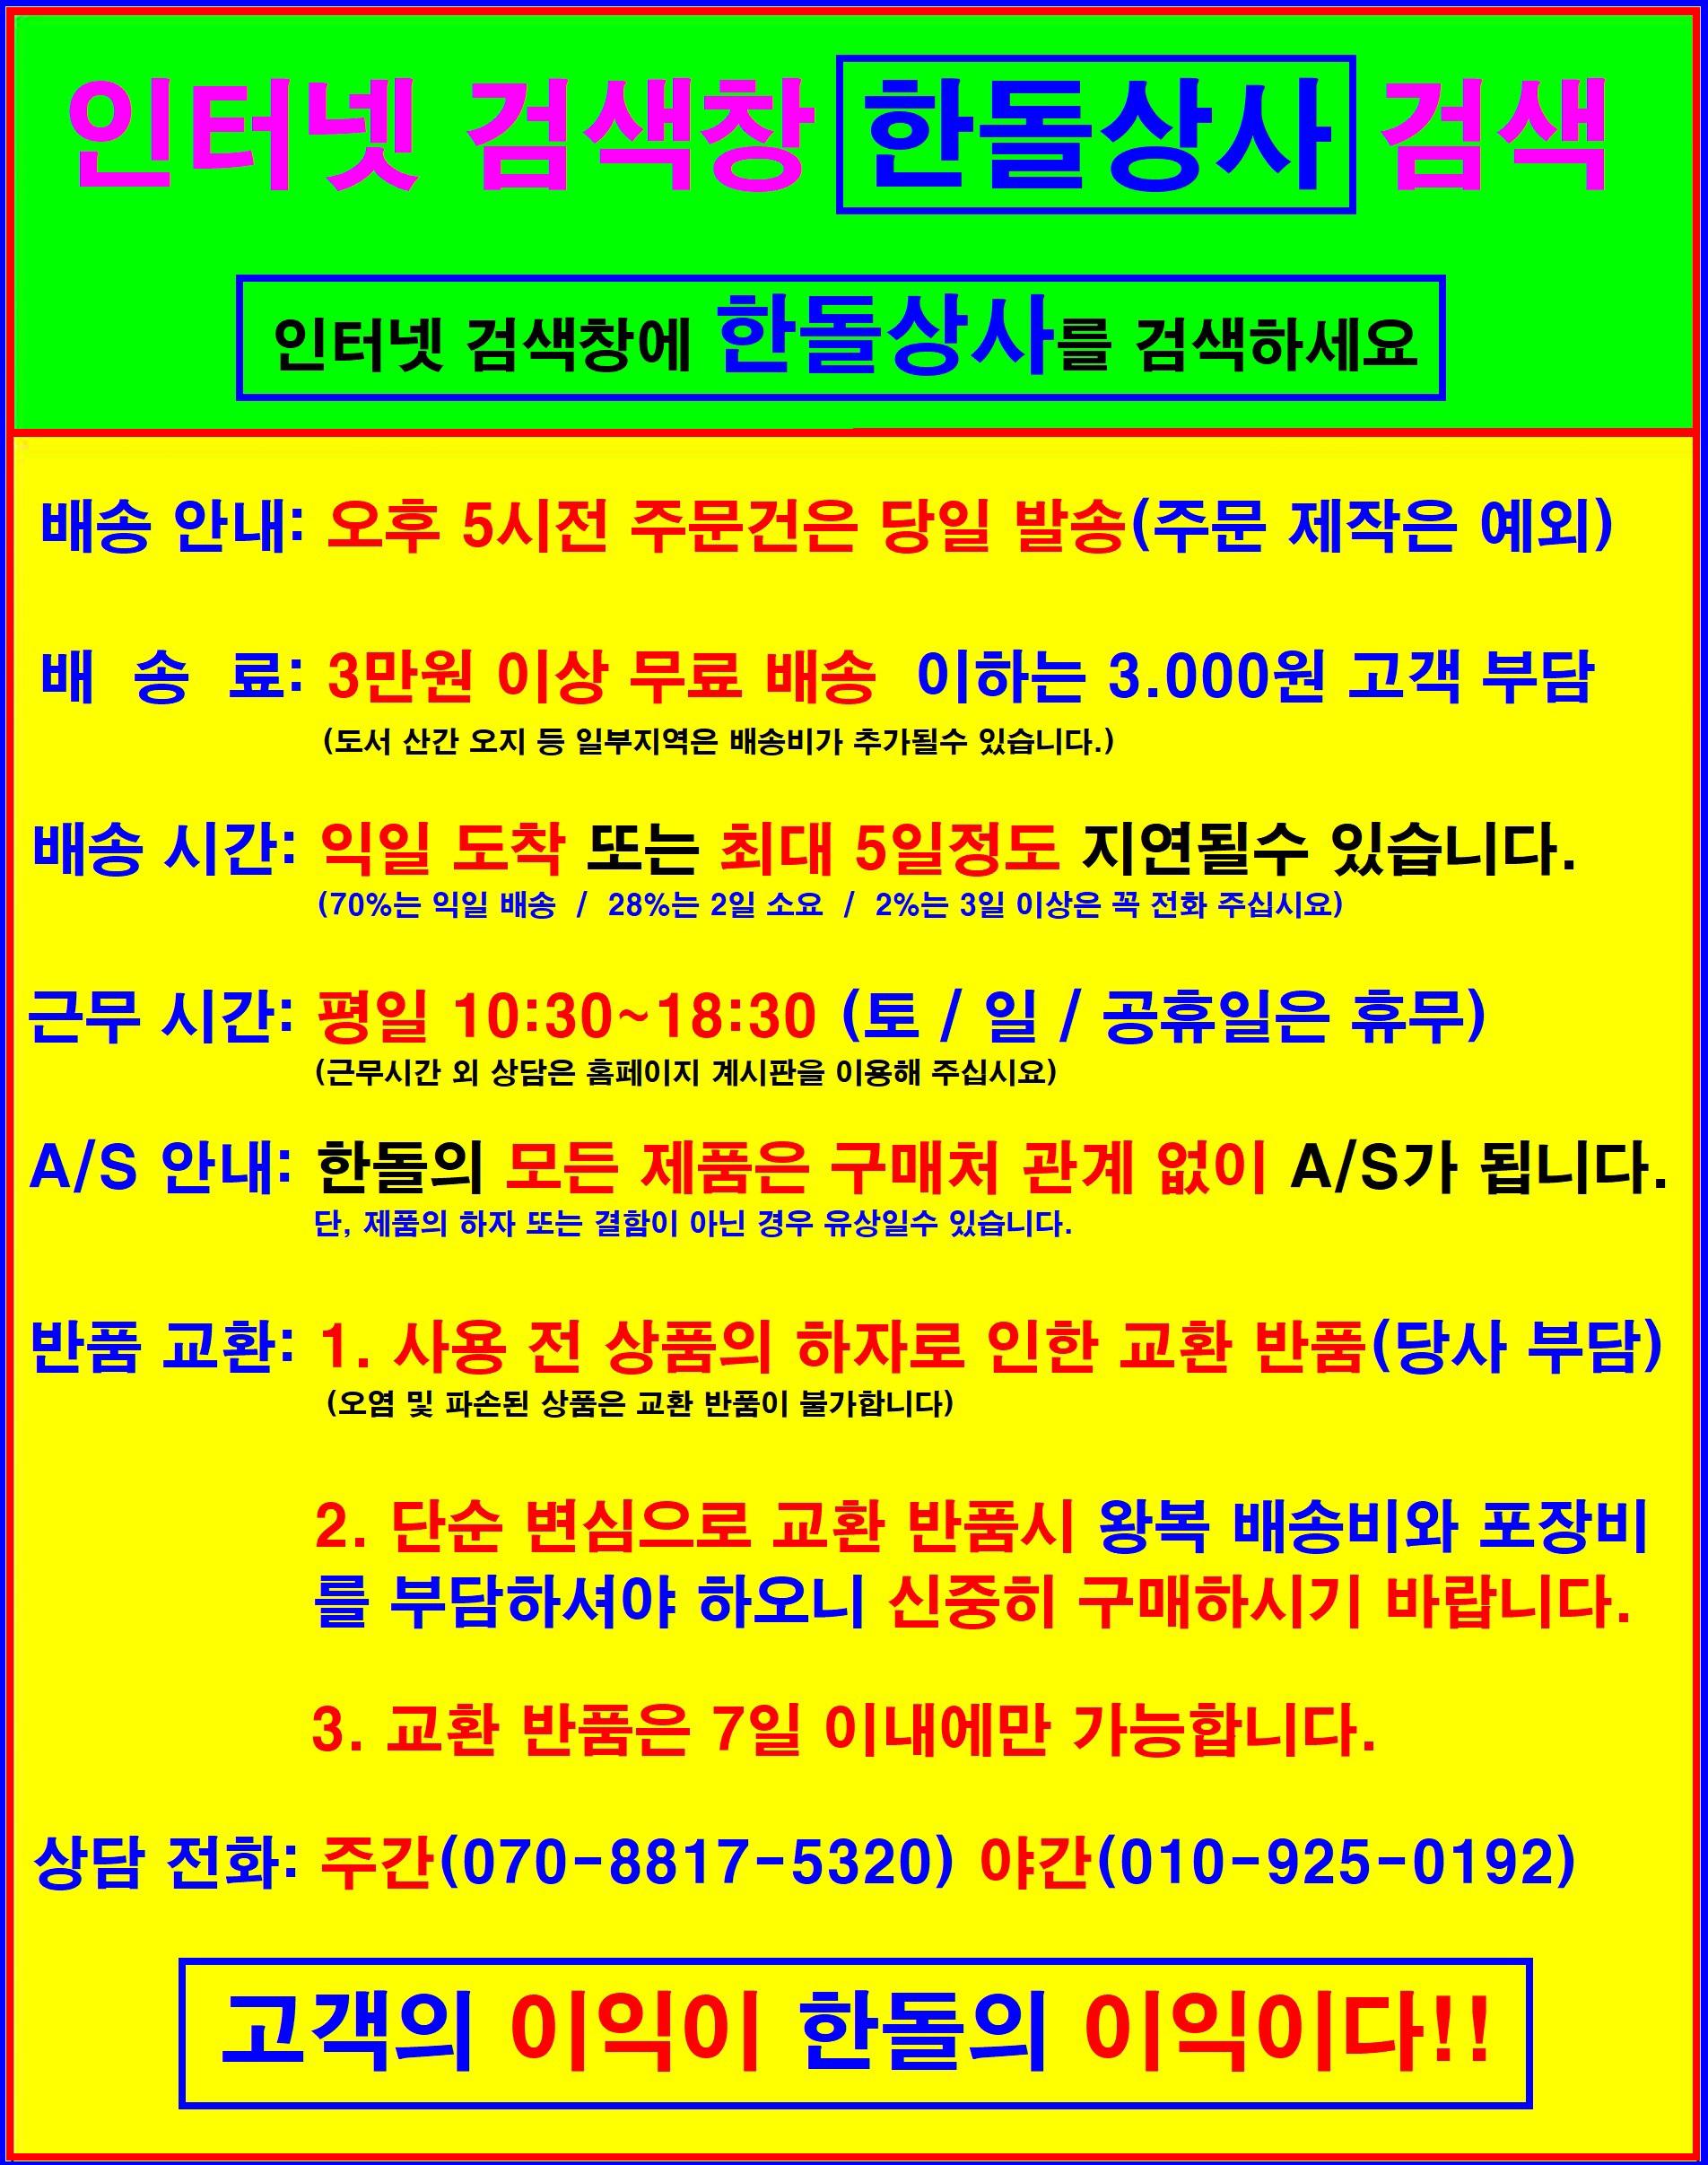 20c436479e191e8f580b446818a57656_1572587211_1169.jpg